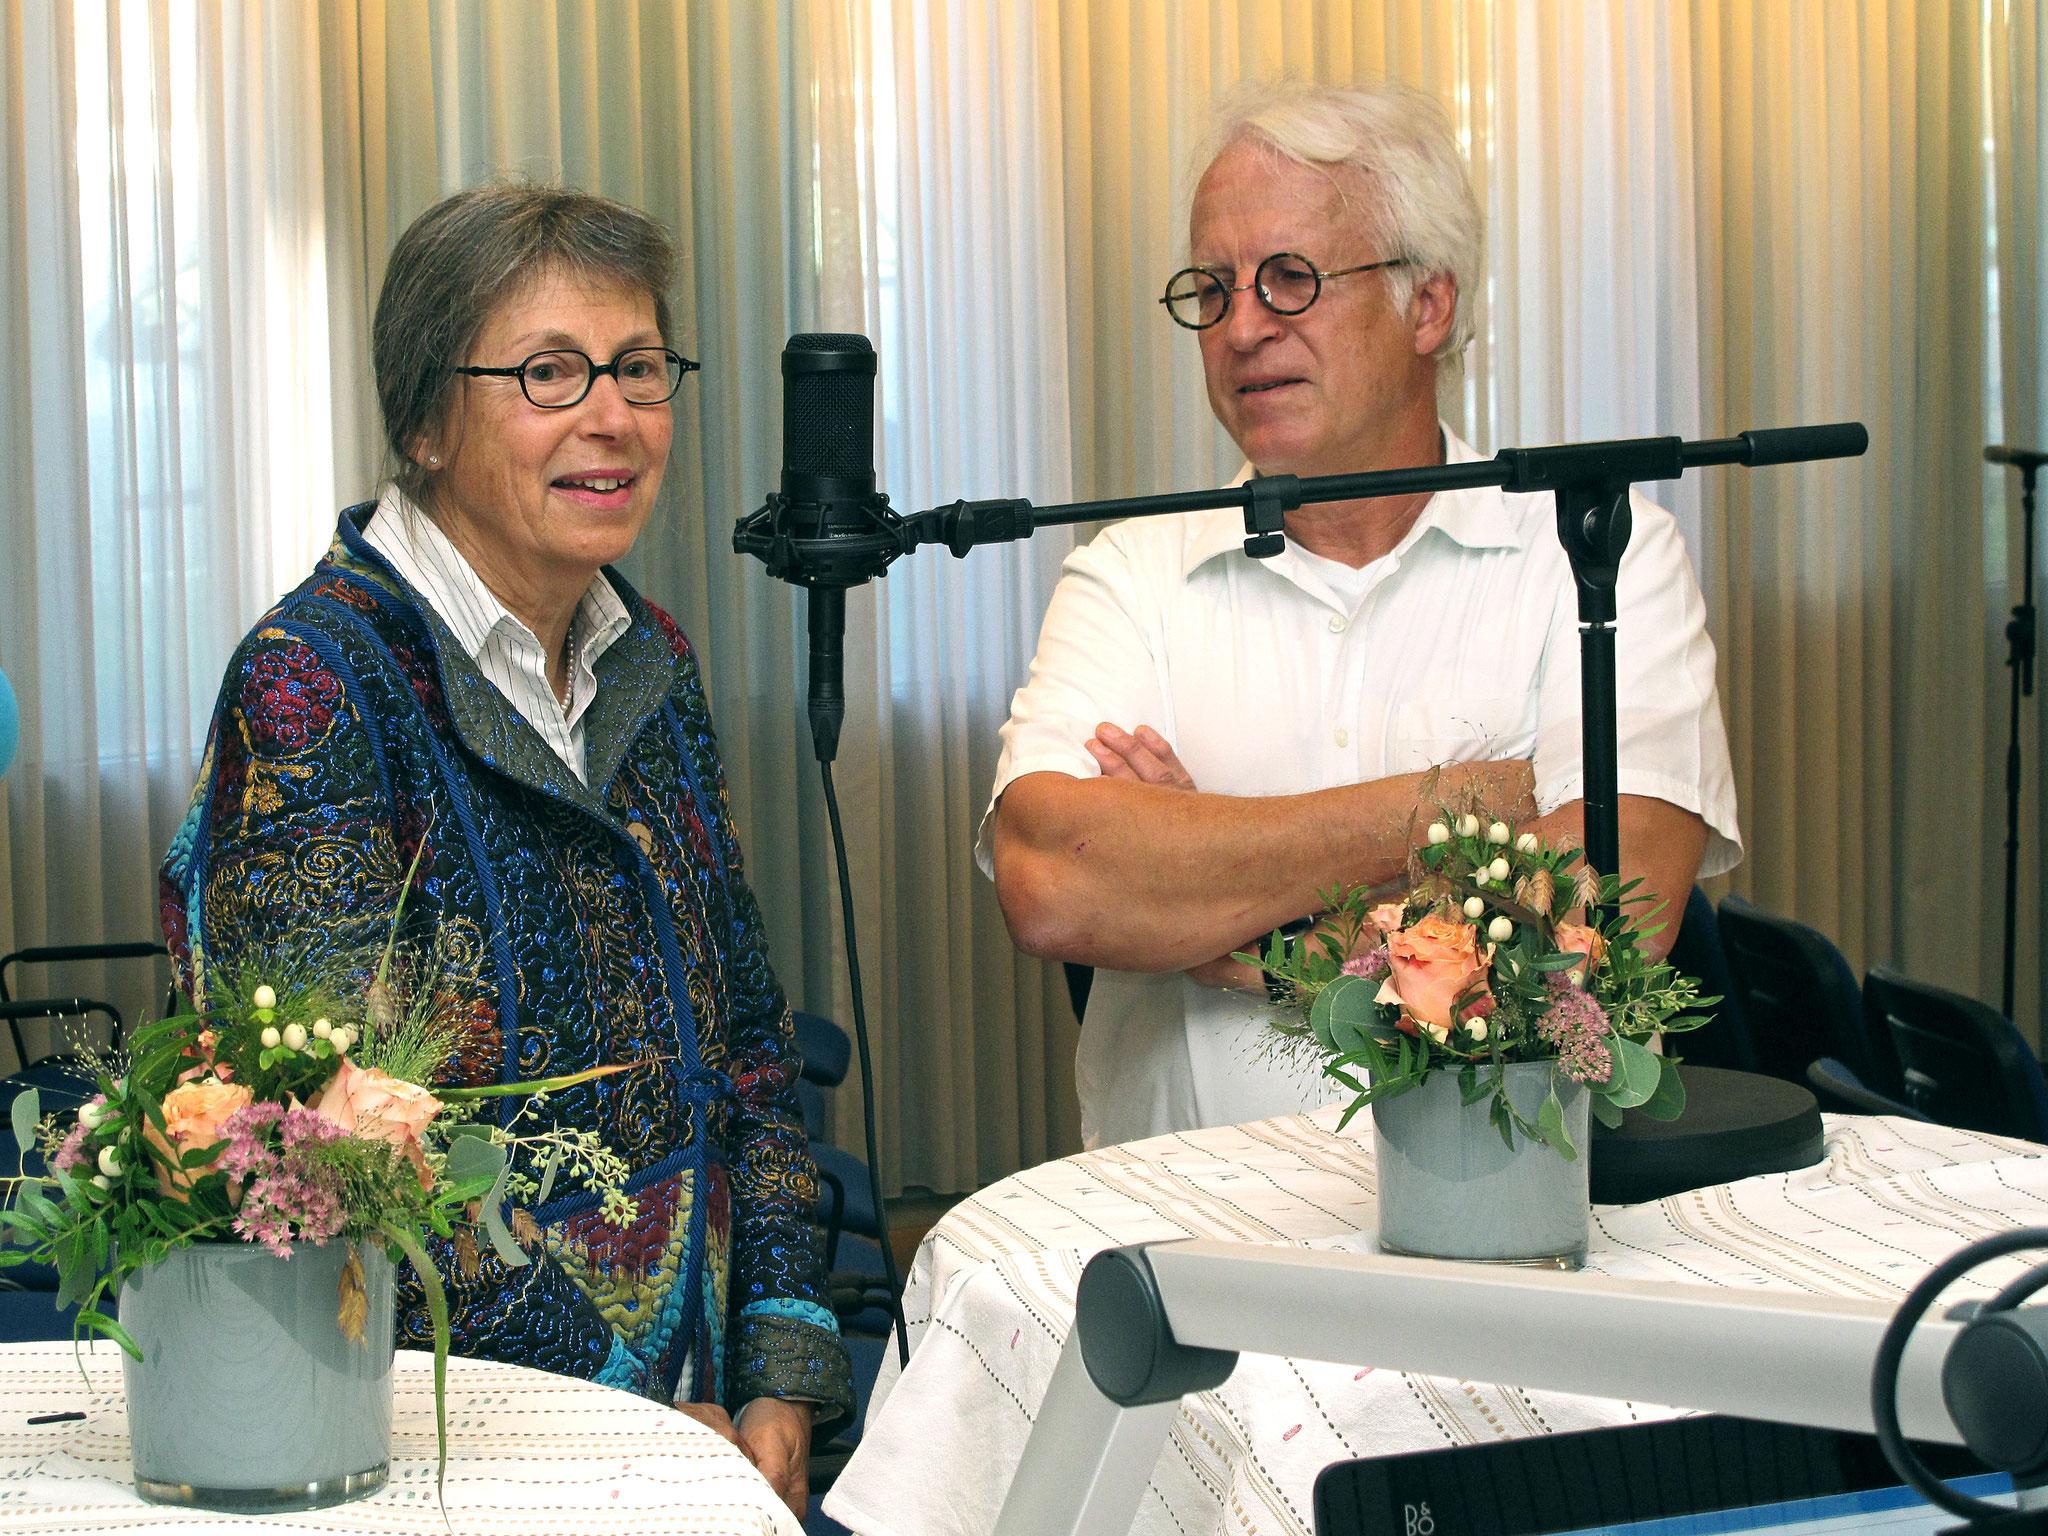 Bernhard Mändli, Drehorgelspieler in Begleitung von Marianne Barben